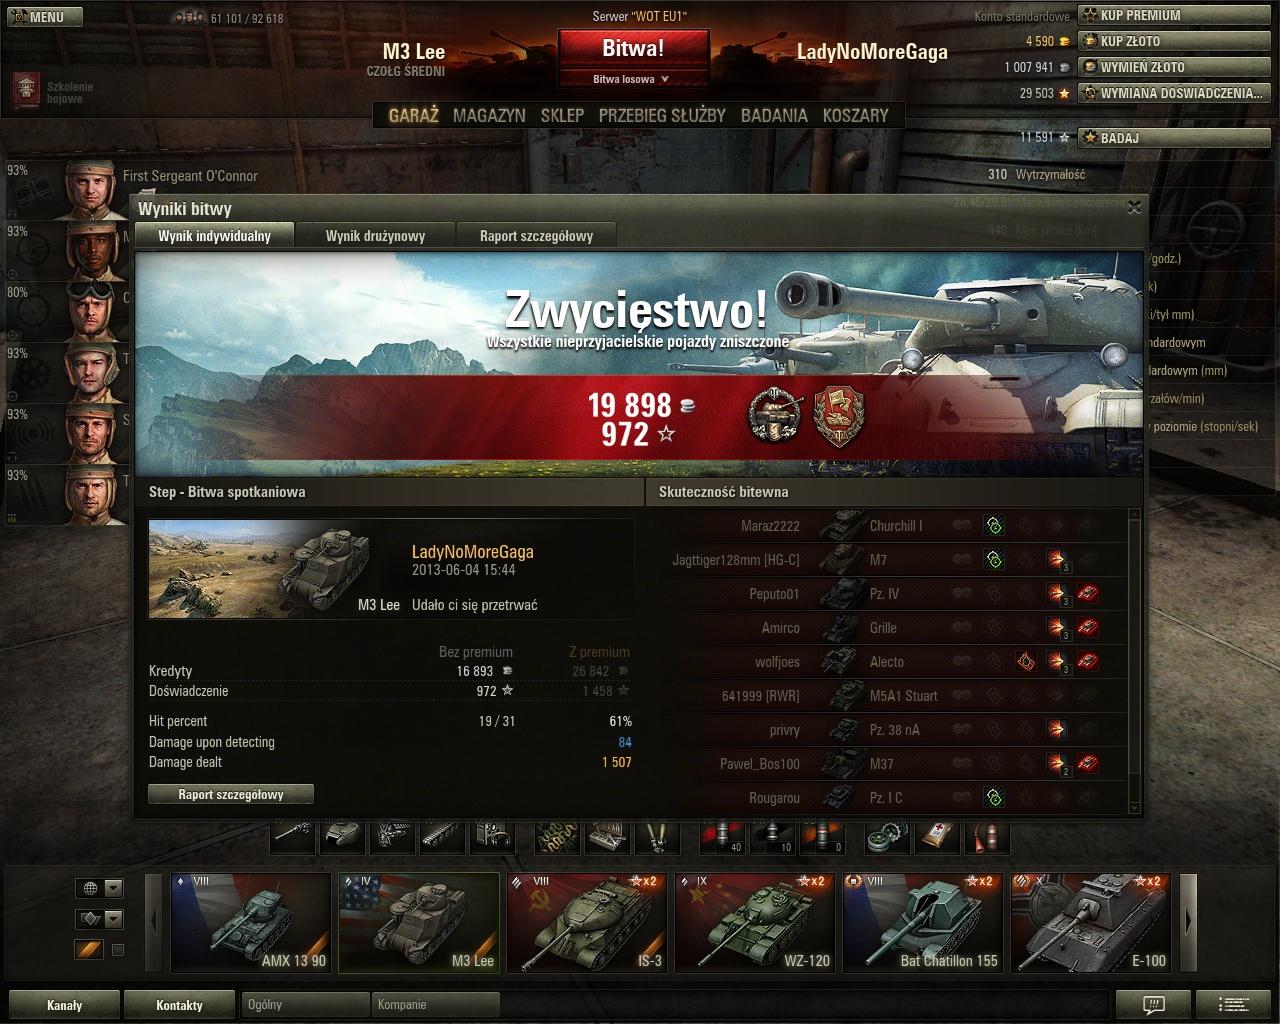 В данной версии игры total war каждый ваш ход влияет на игру и финал постоянно разный